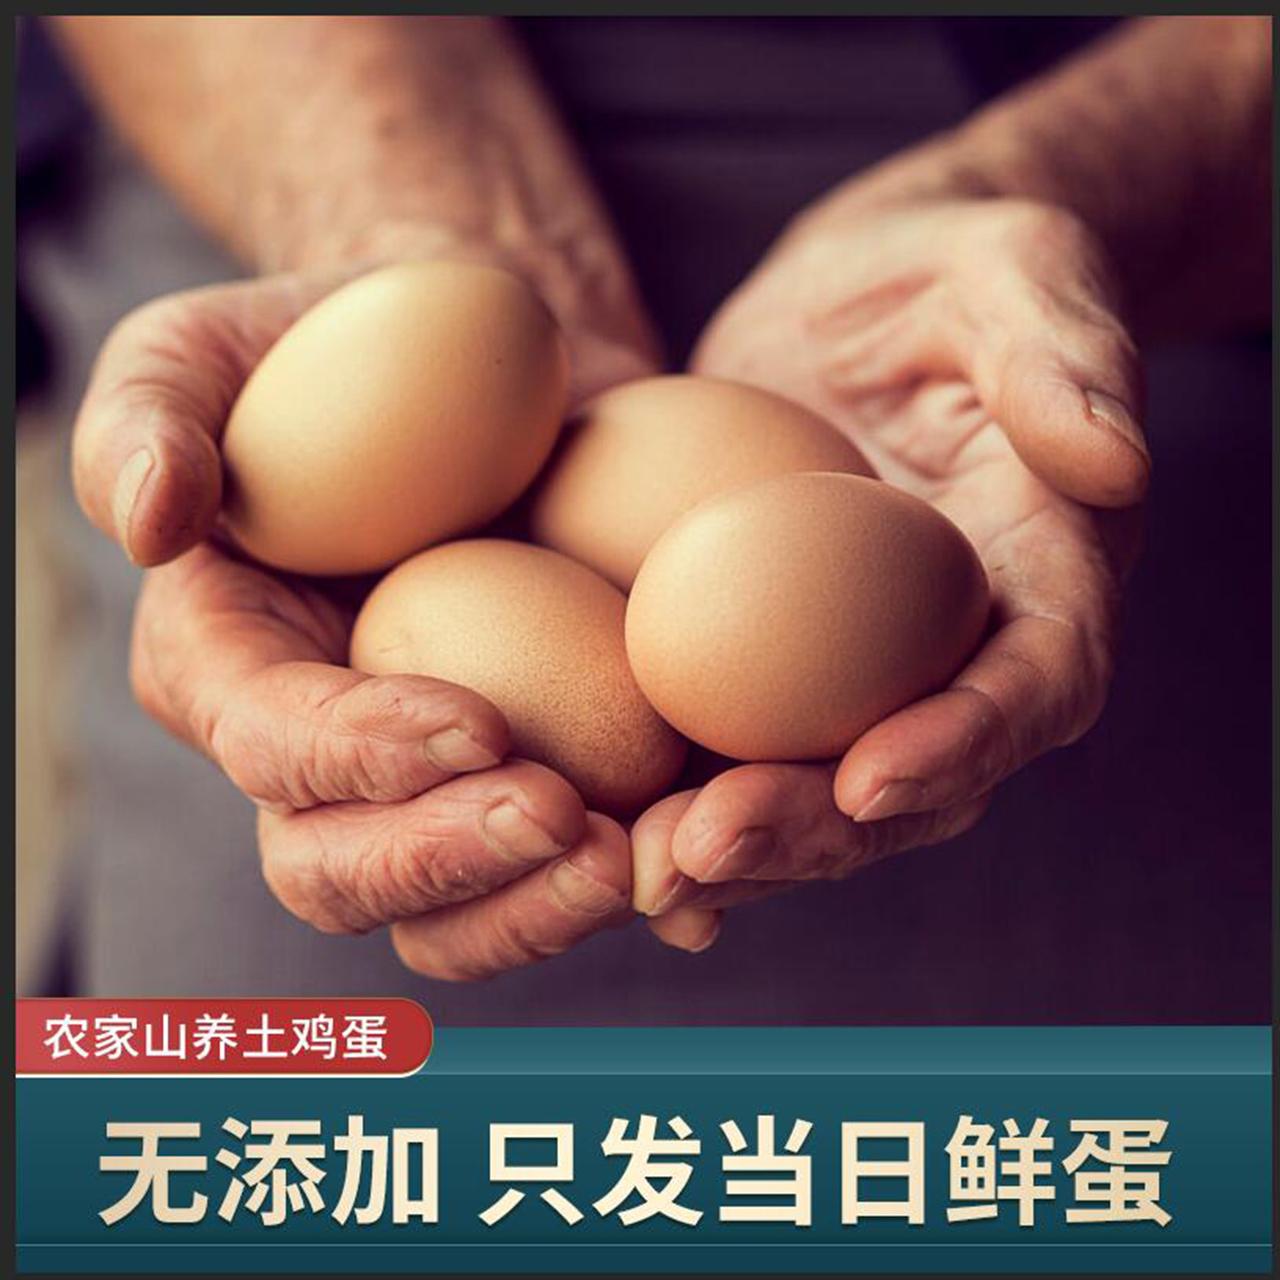 农家散养土鸡蛋正宗山养新鲜鸡蛋宝宝蛋月子蛋农家自养初生蛋40枚